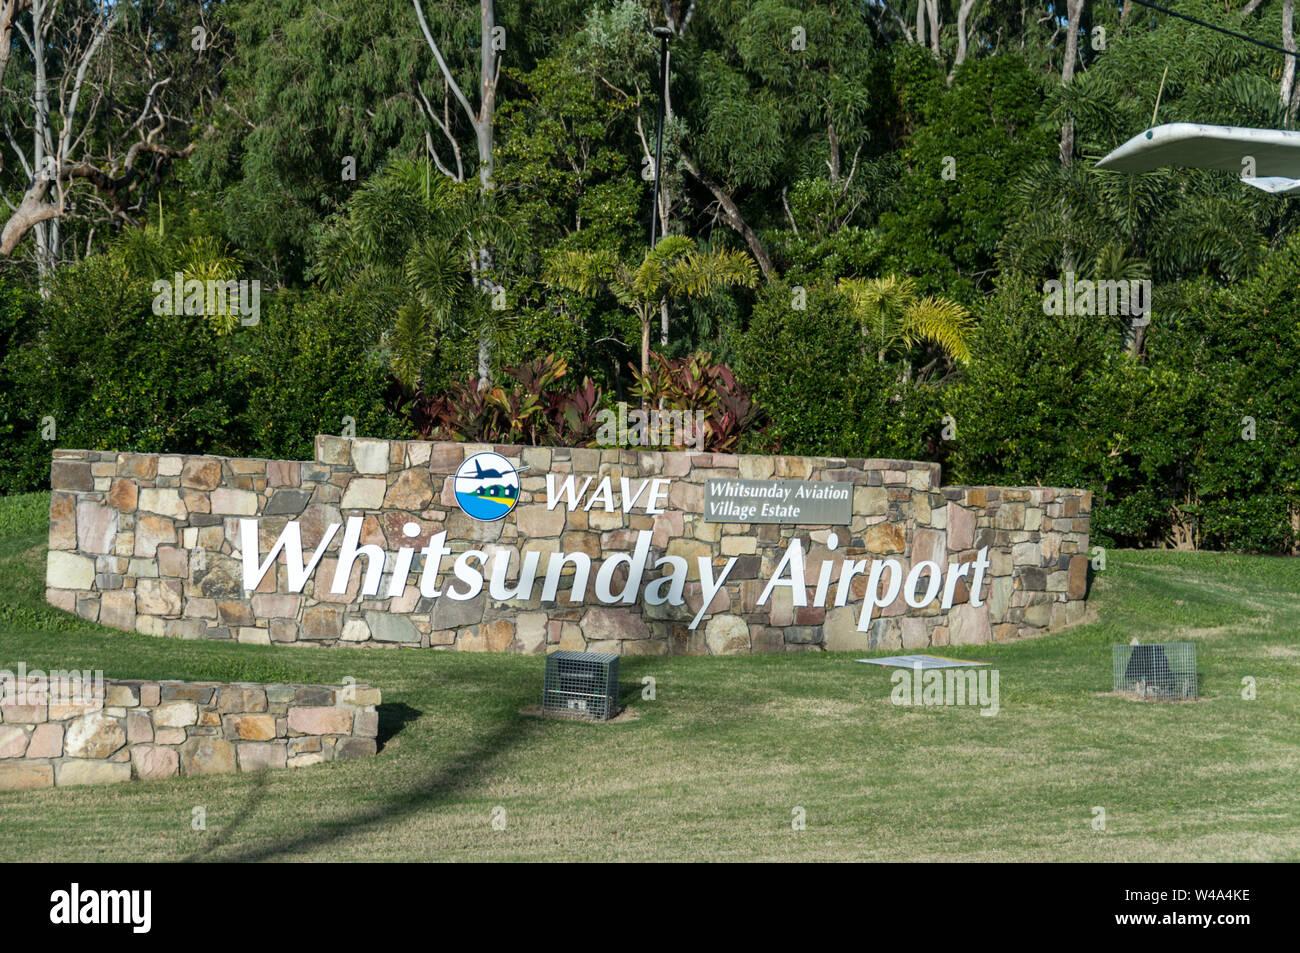 Flughafen Whitsunday bei Airlie Beach bei den Whitsundays in Queensland, Australien. Airlie Beach, durch Back Packers begünstigt und ist ein Sprungbrett zu Th Stockfoto